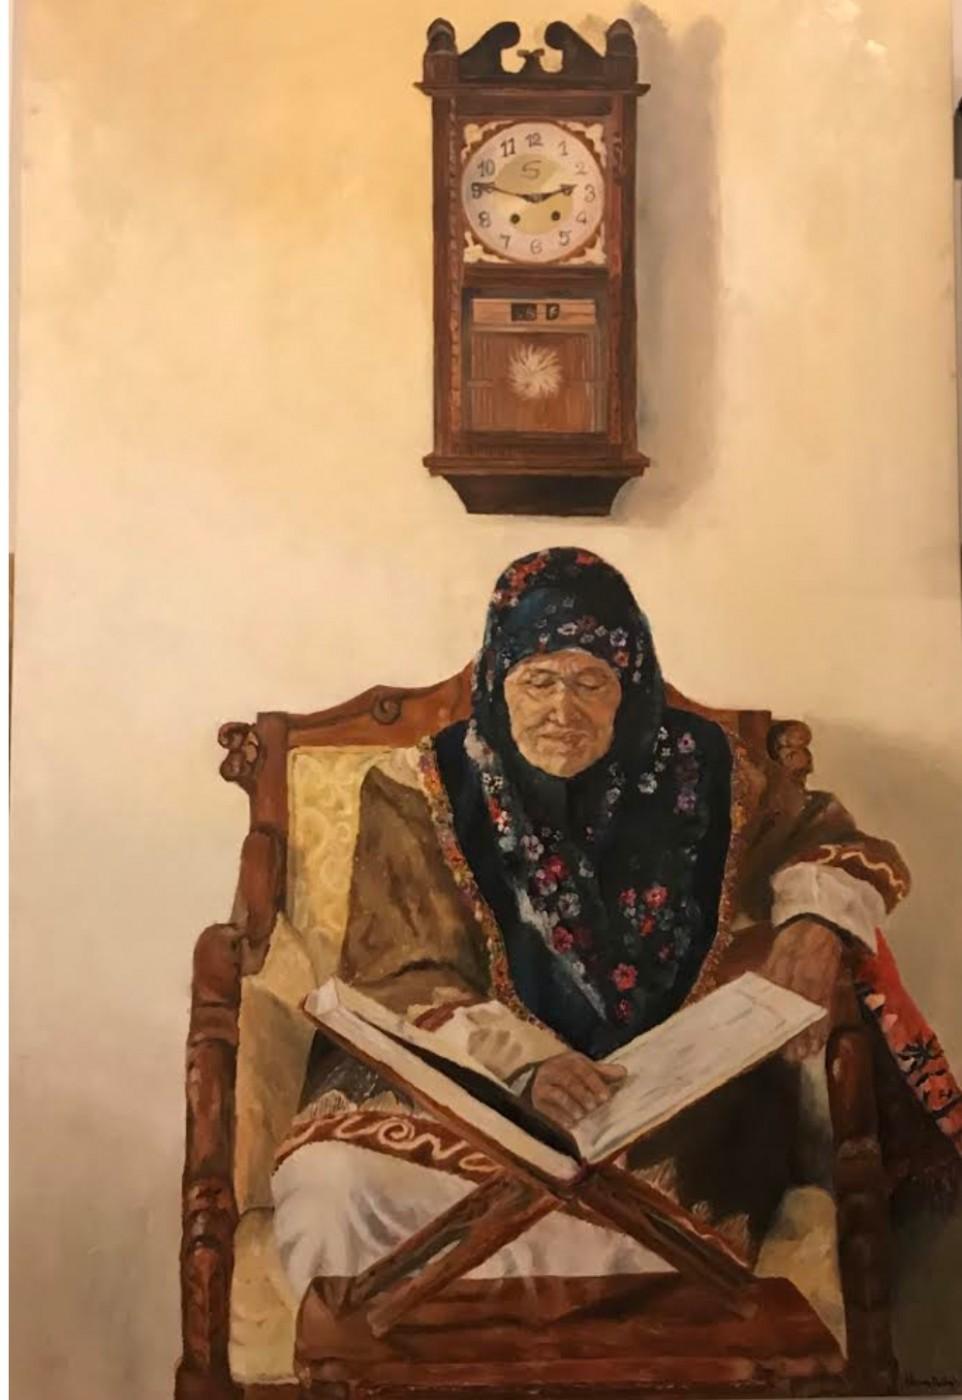 Grandmother Praying